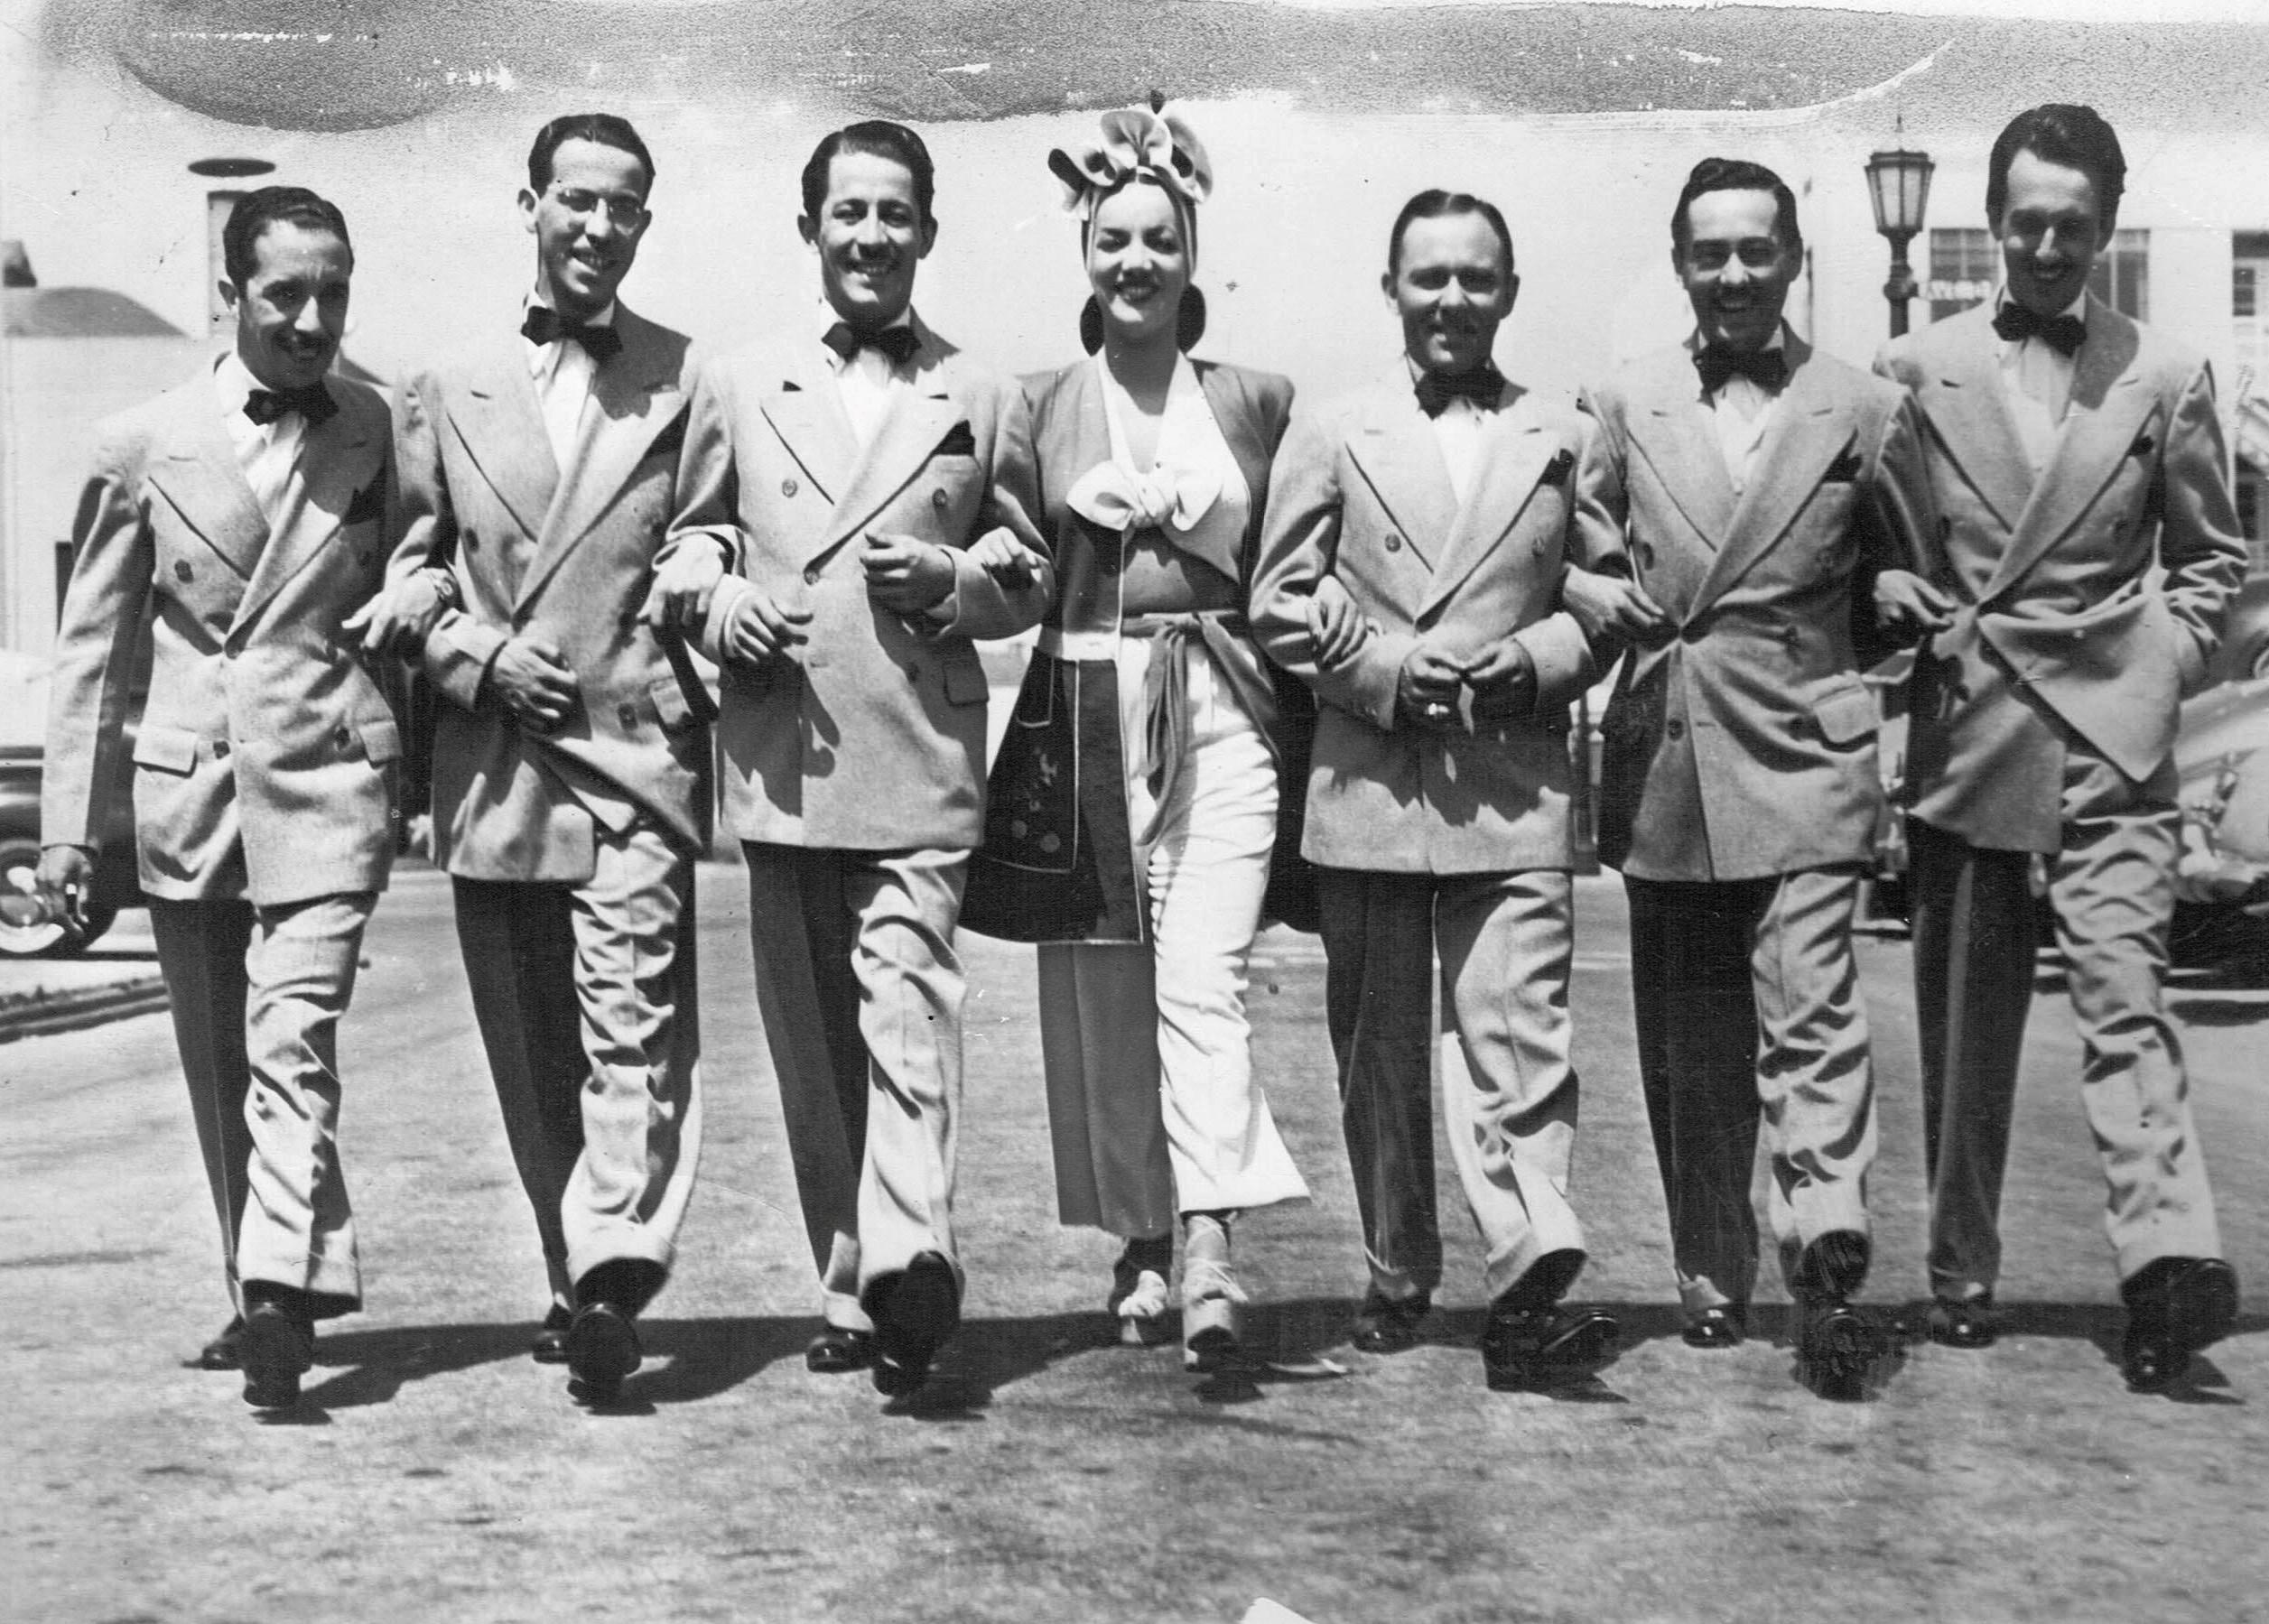 Carmen Miranda e os integrantes do grupo musical Bando da Lua (da esquerda para a direita: Zé Carioca, Vadico, Nestor Amaral, Afonso, Stenio e Aloysio de Oliveira).